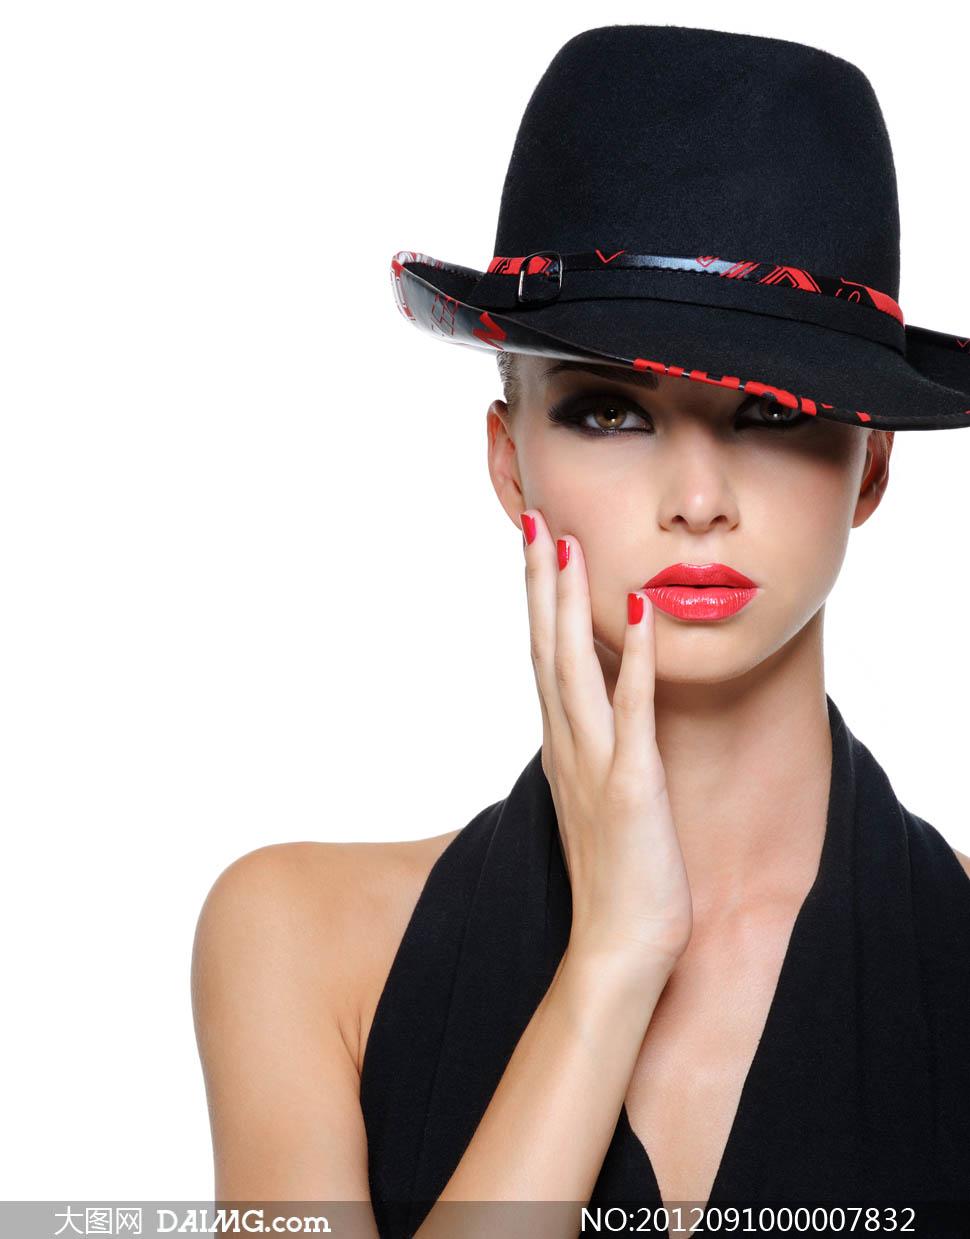 戴帽子手托着脸的美女模特摄影图片